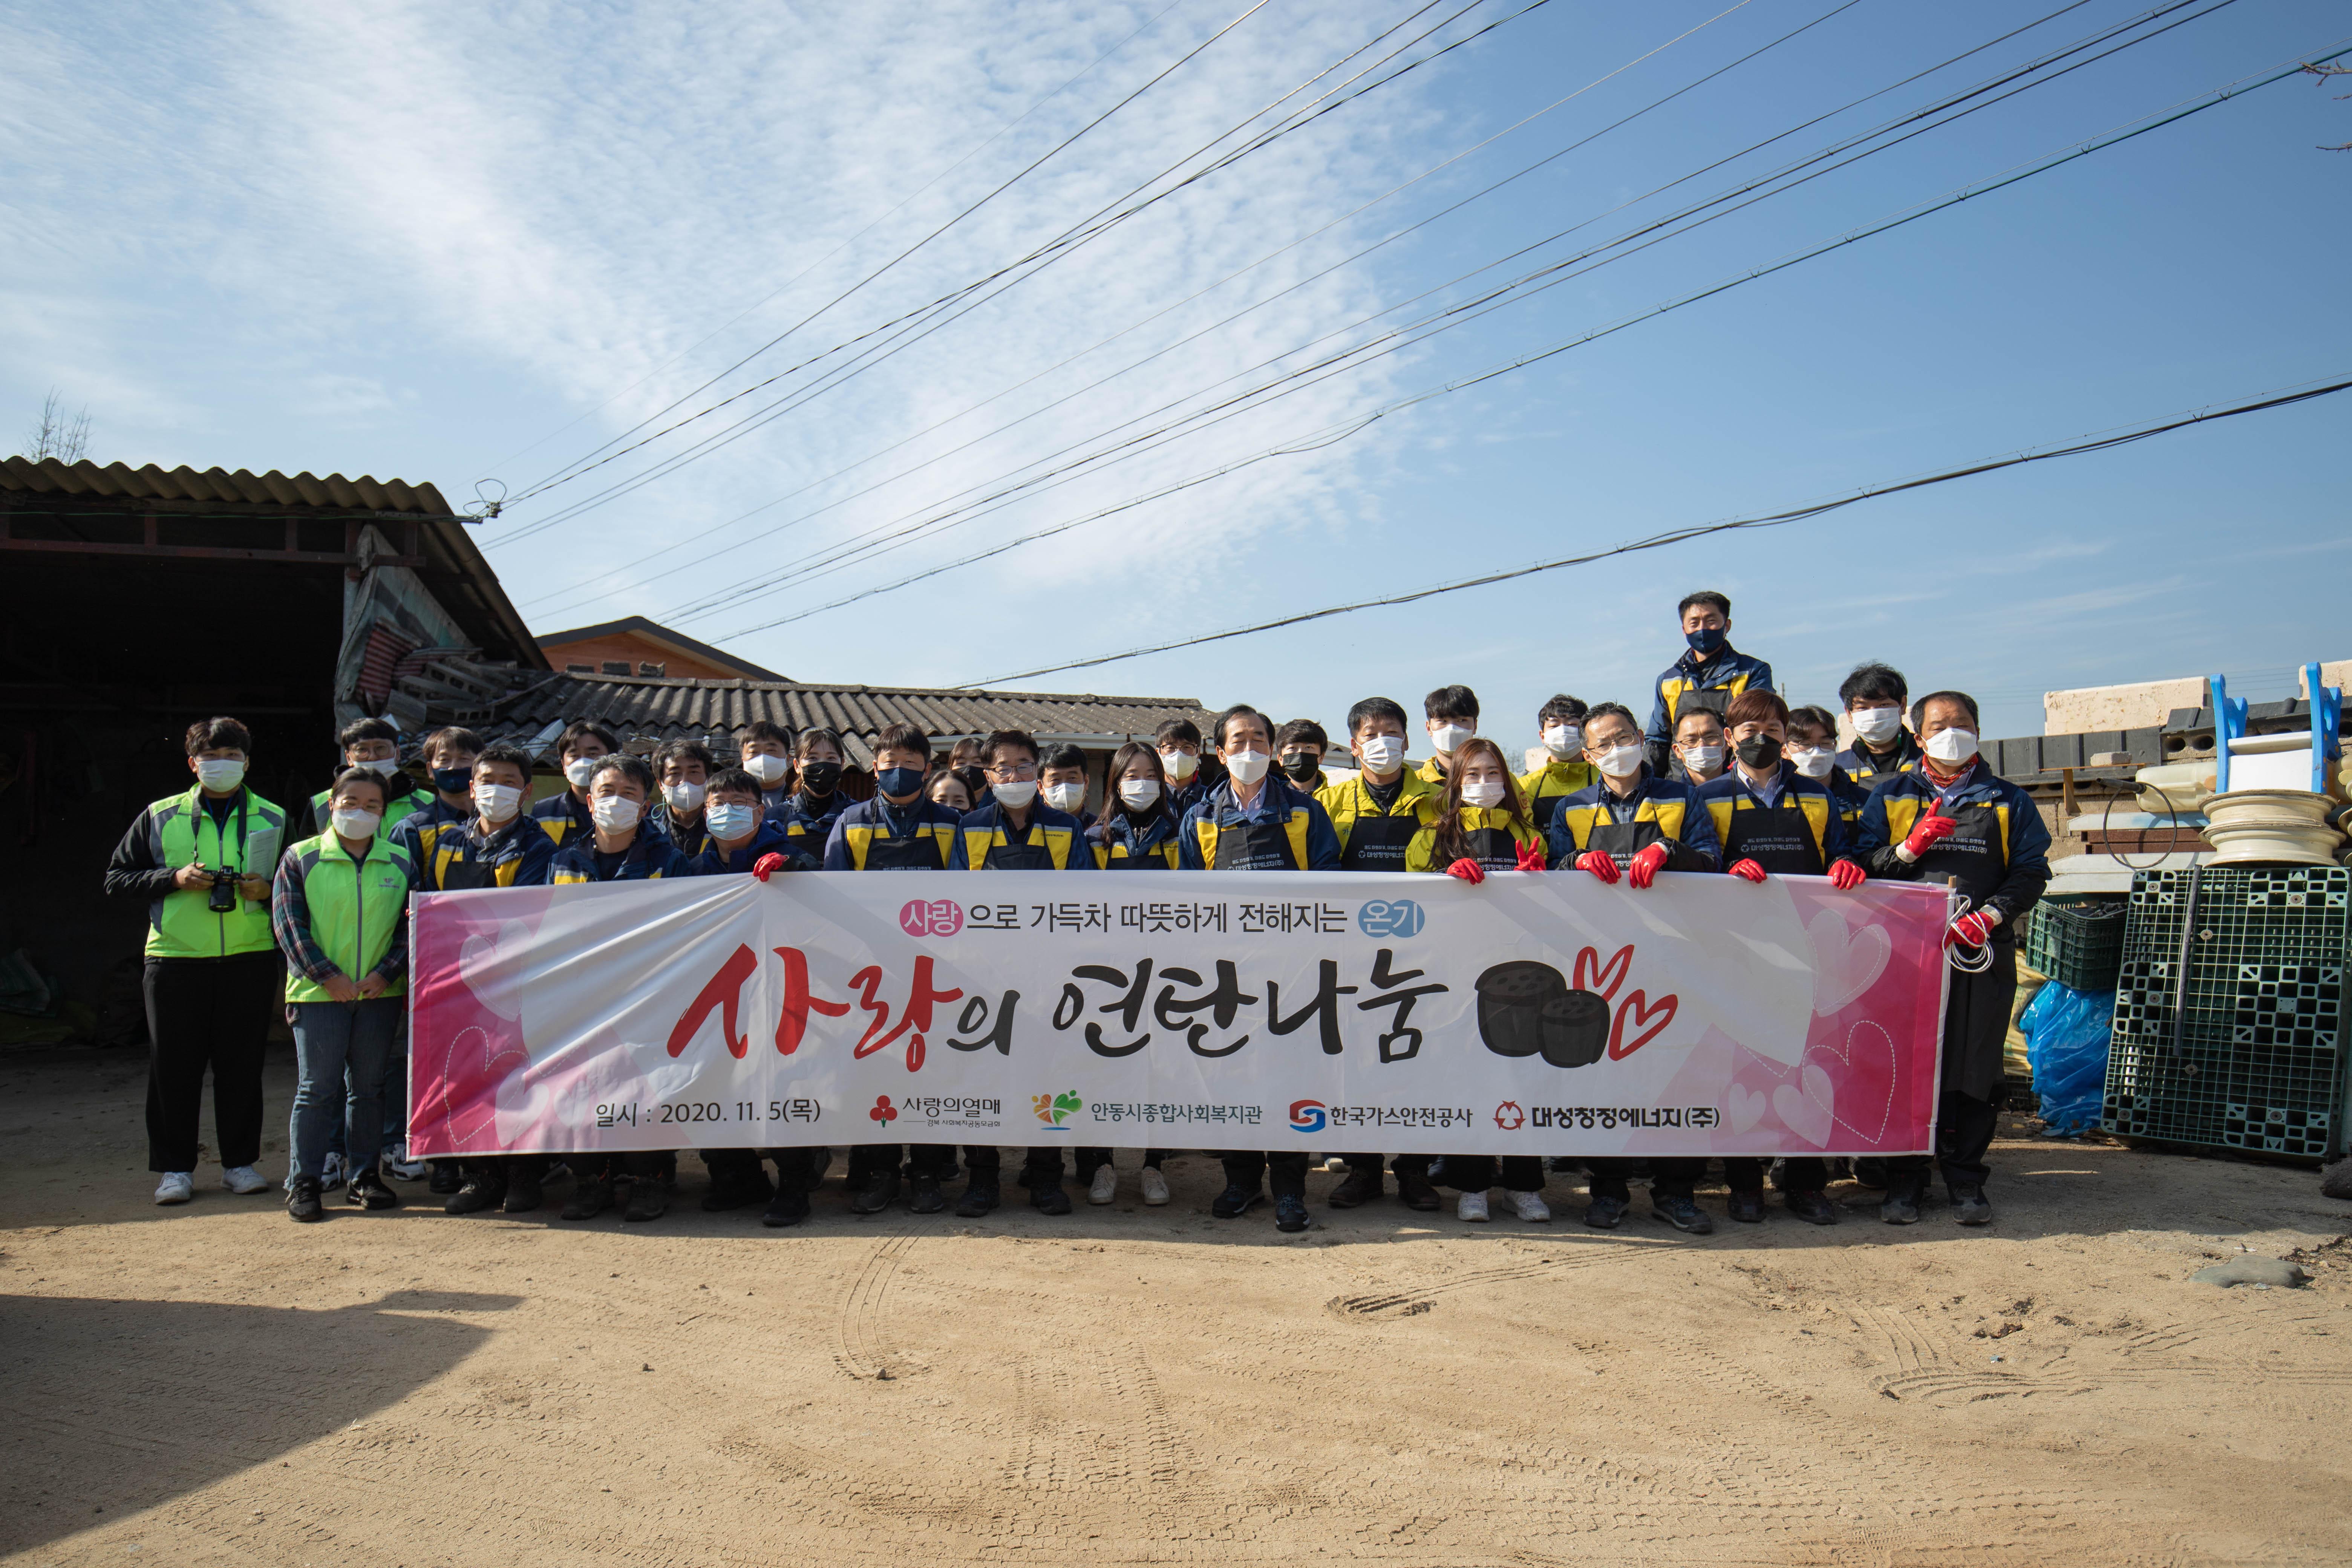 대성청정에너지 임직원 및 안동시종합사회복지관 임직원, 한국가스안전공사 경북북부지사 직원들이 기념촬영을 하고 있다.